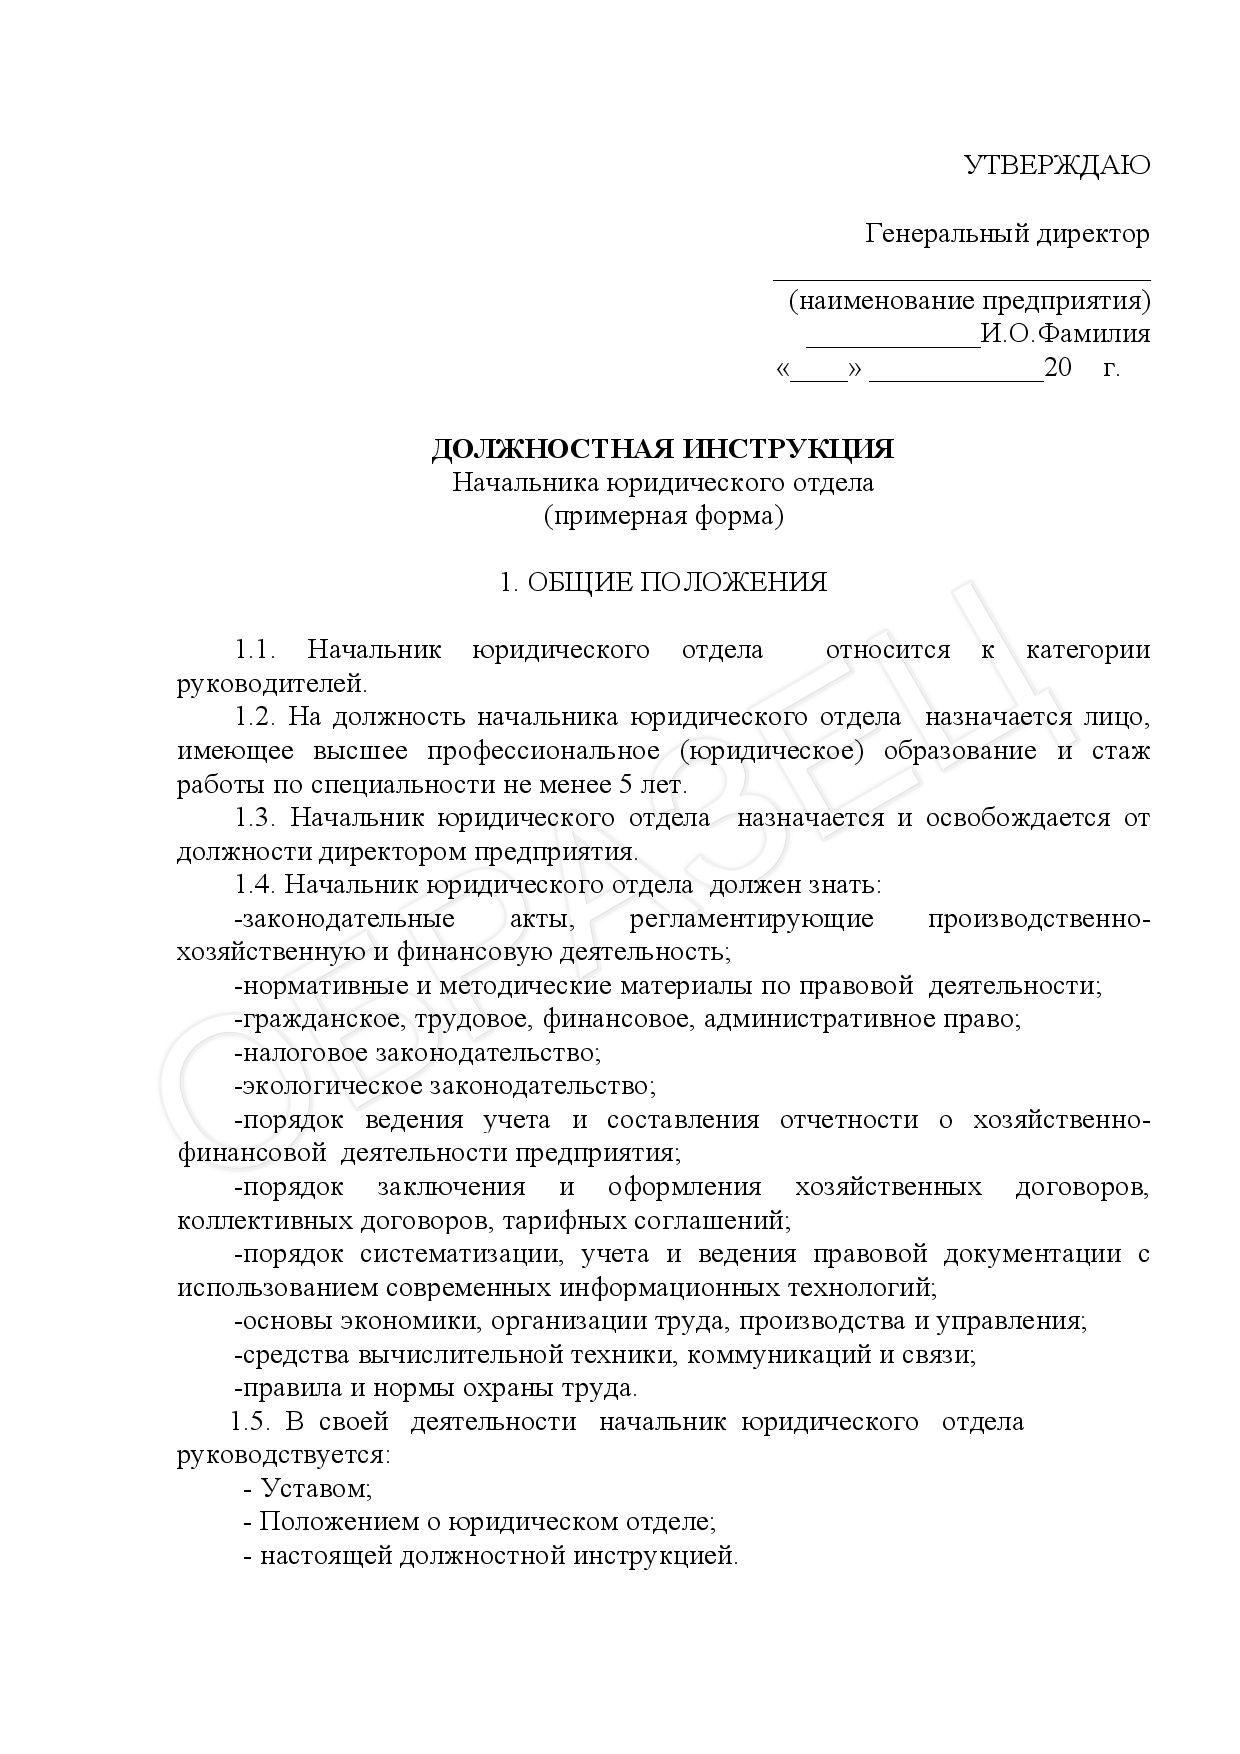 Должностная инструкция заместителя руководителя отдела продаж образец 2018